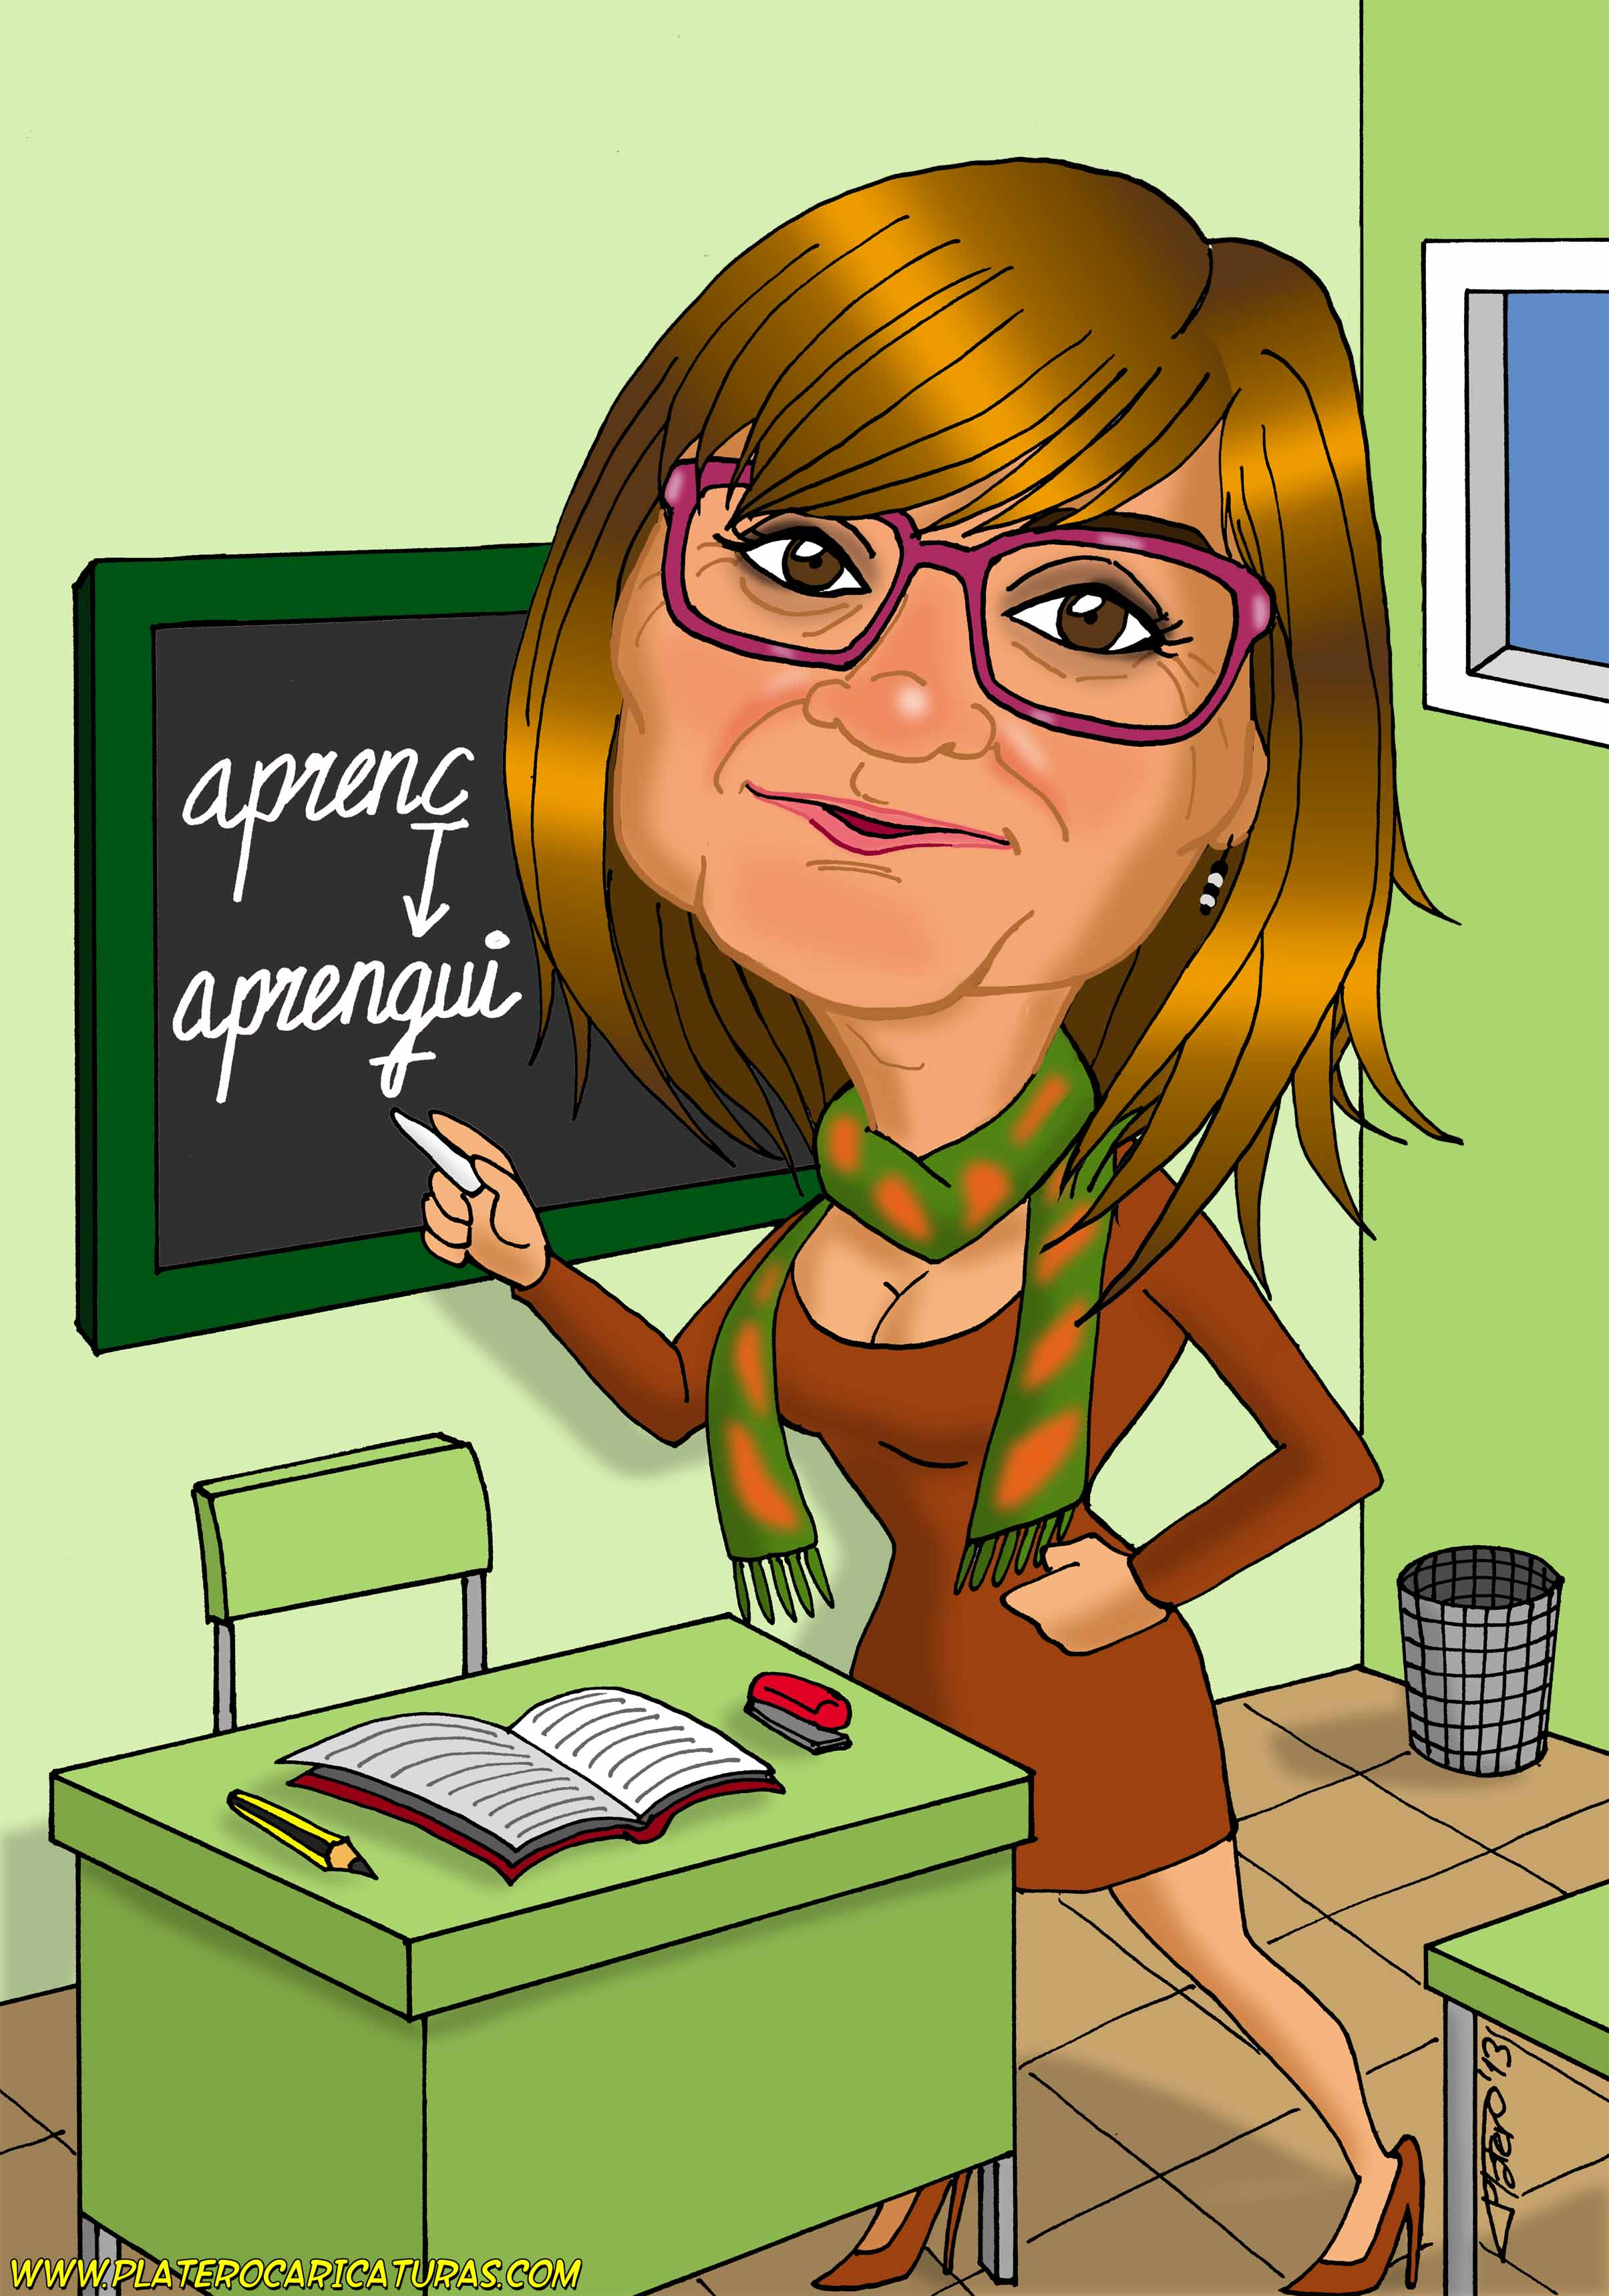 caricaturas a color por encargo personalizadas_profesora_platerocaricaturas_josé